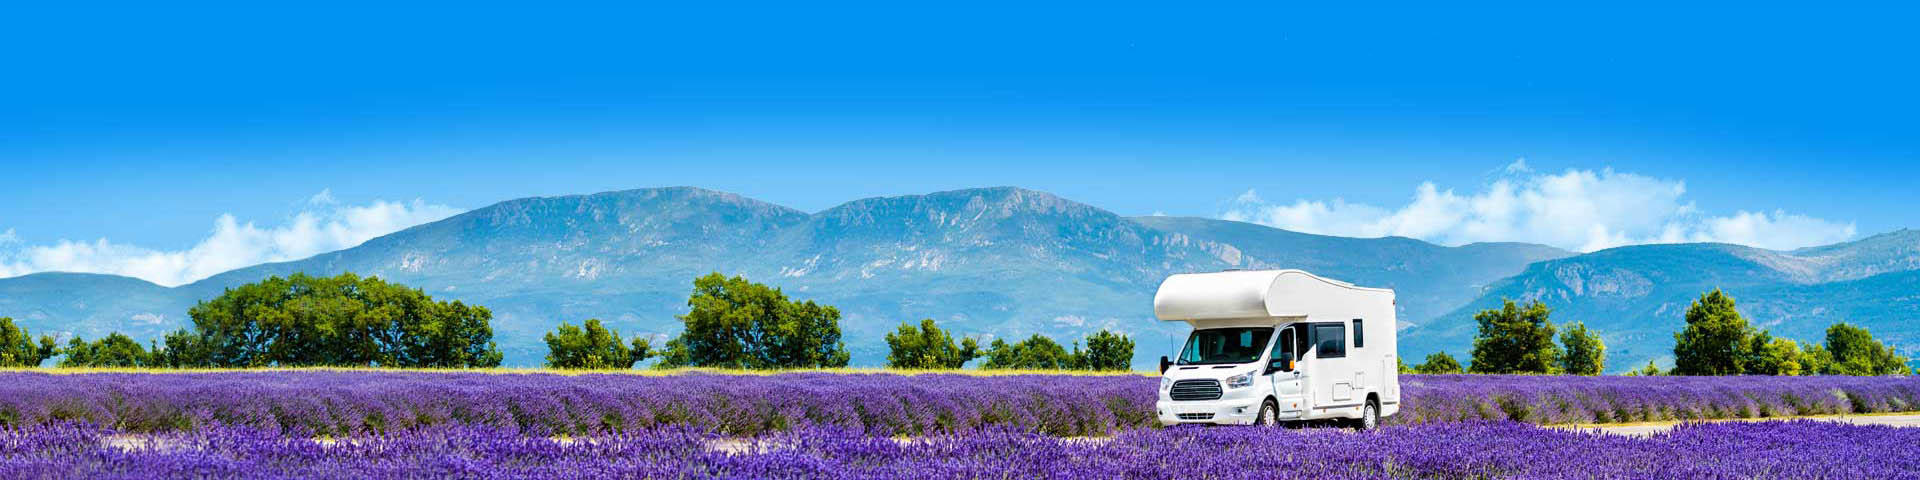 Camper aan het rijden door het lavendelveld tijdens vakantie Frankrijk